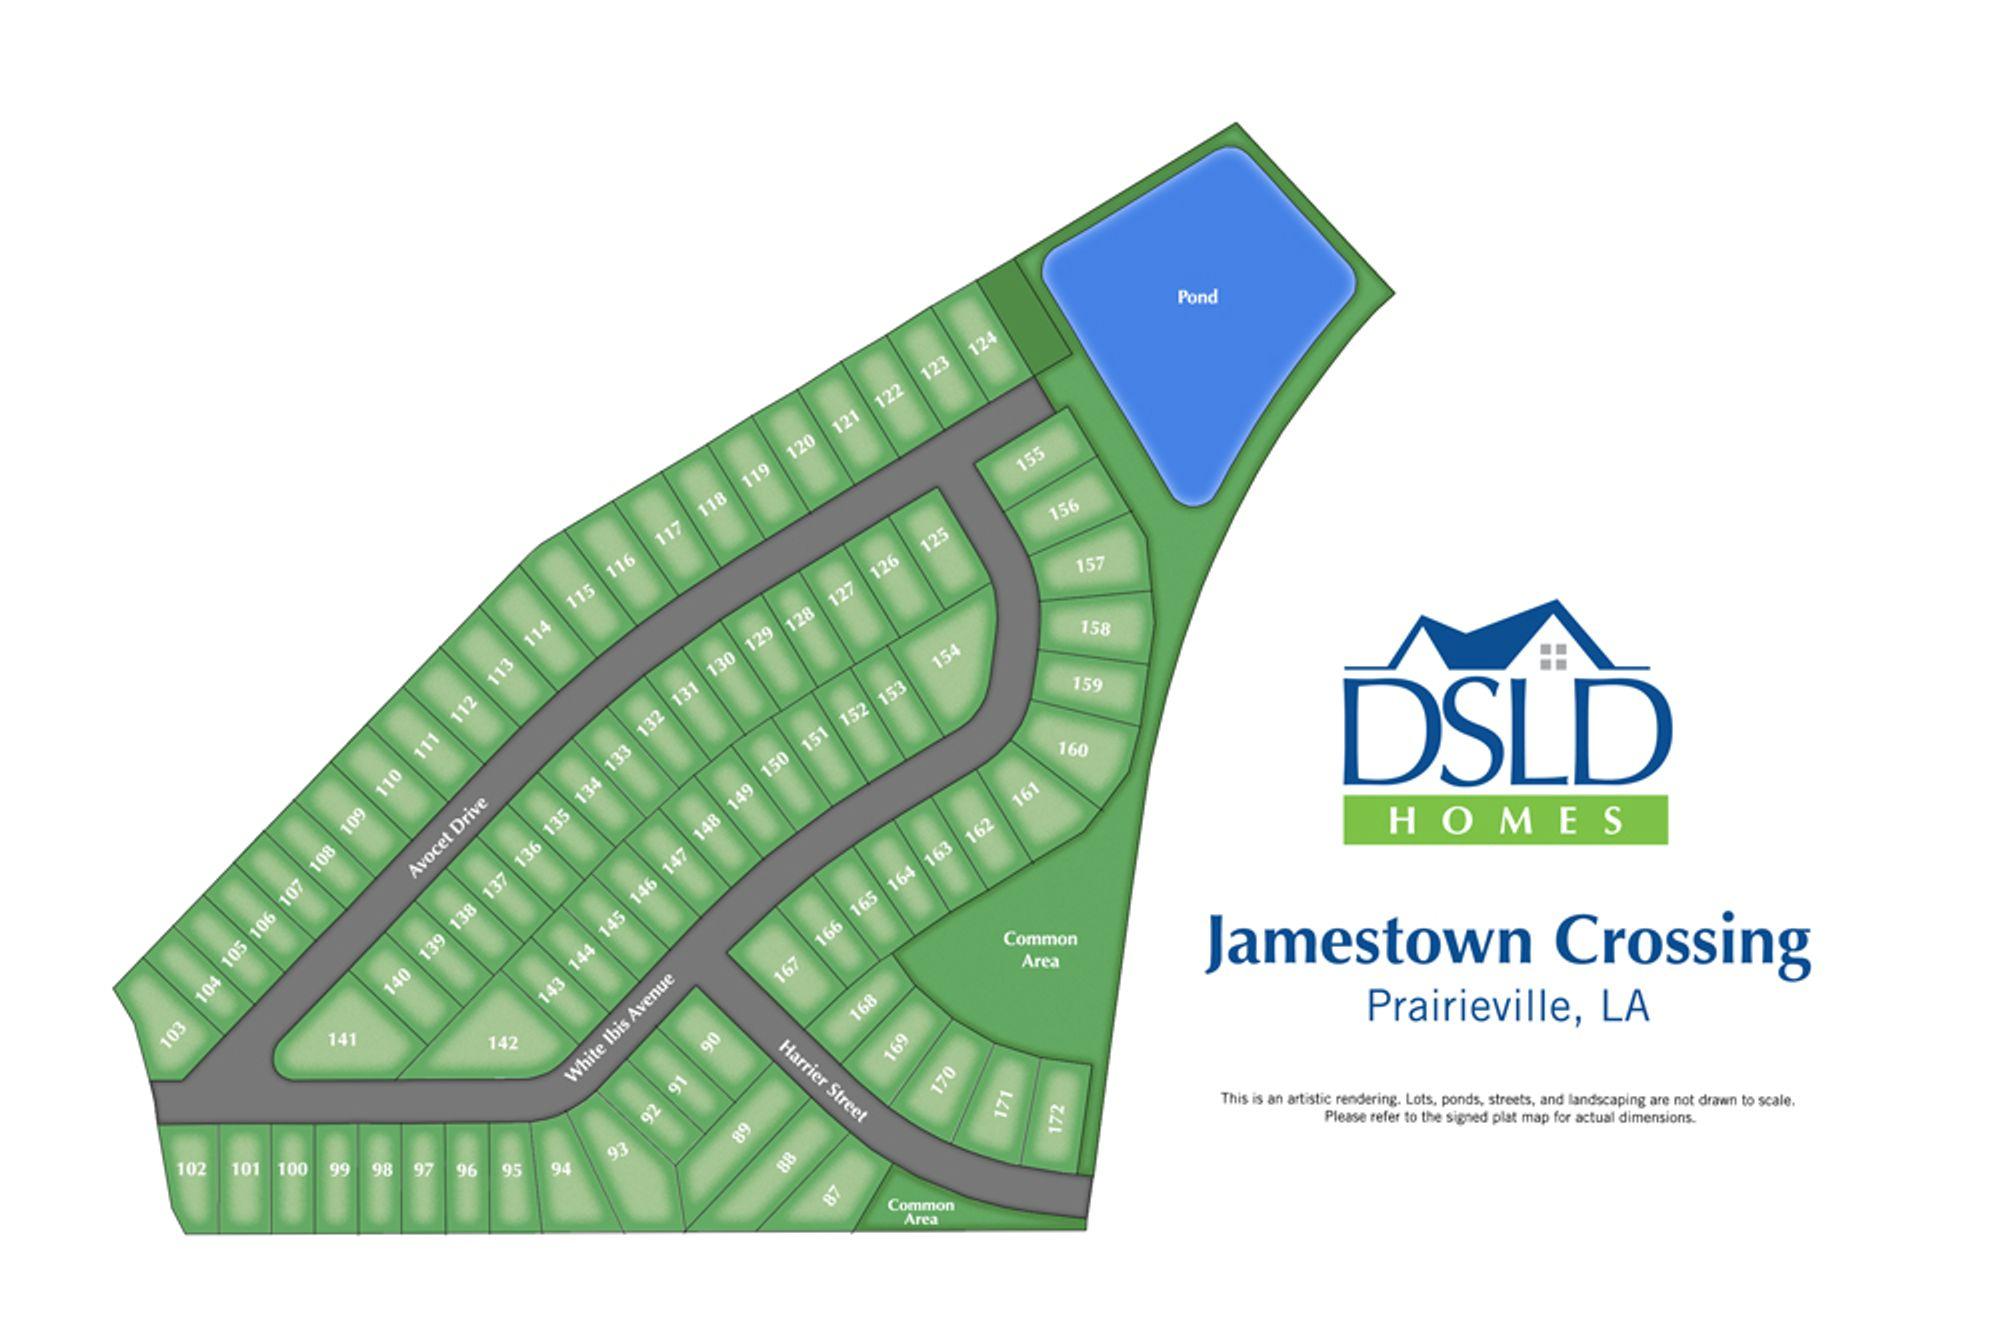 Jamestown Crossing